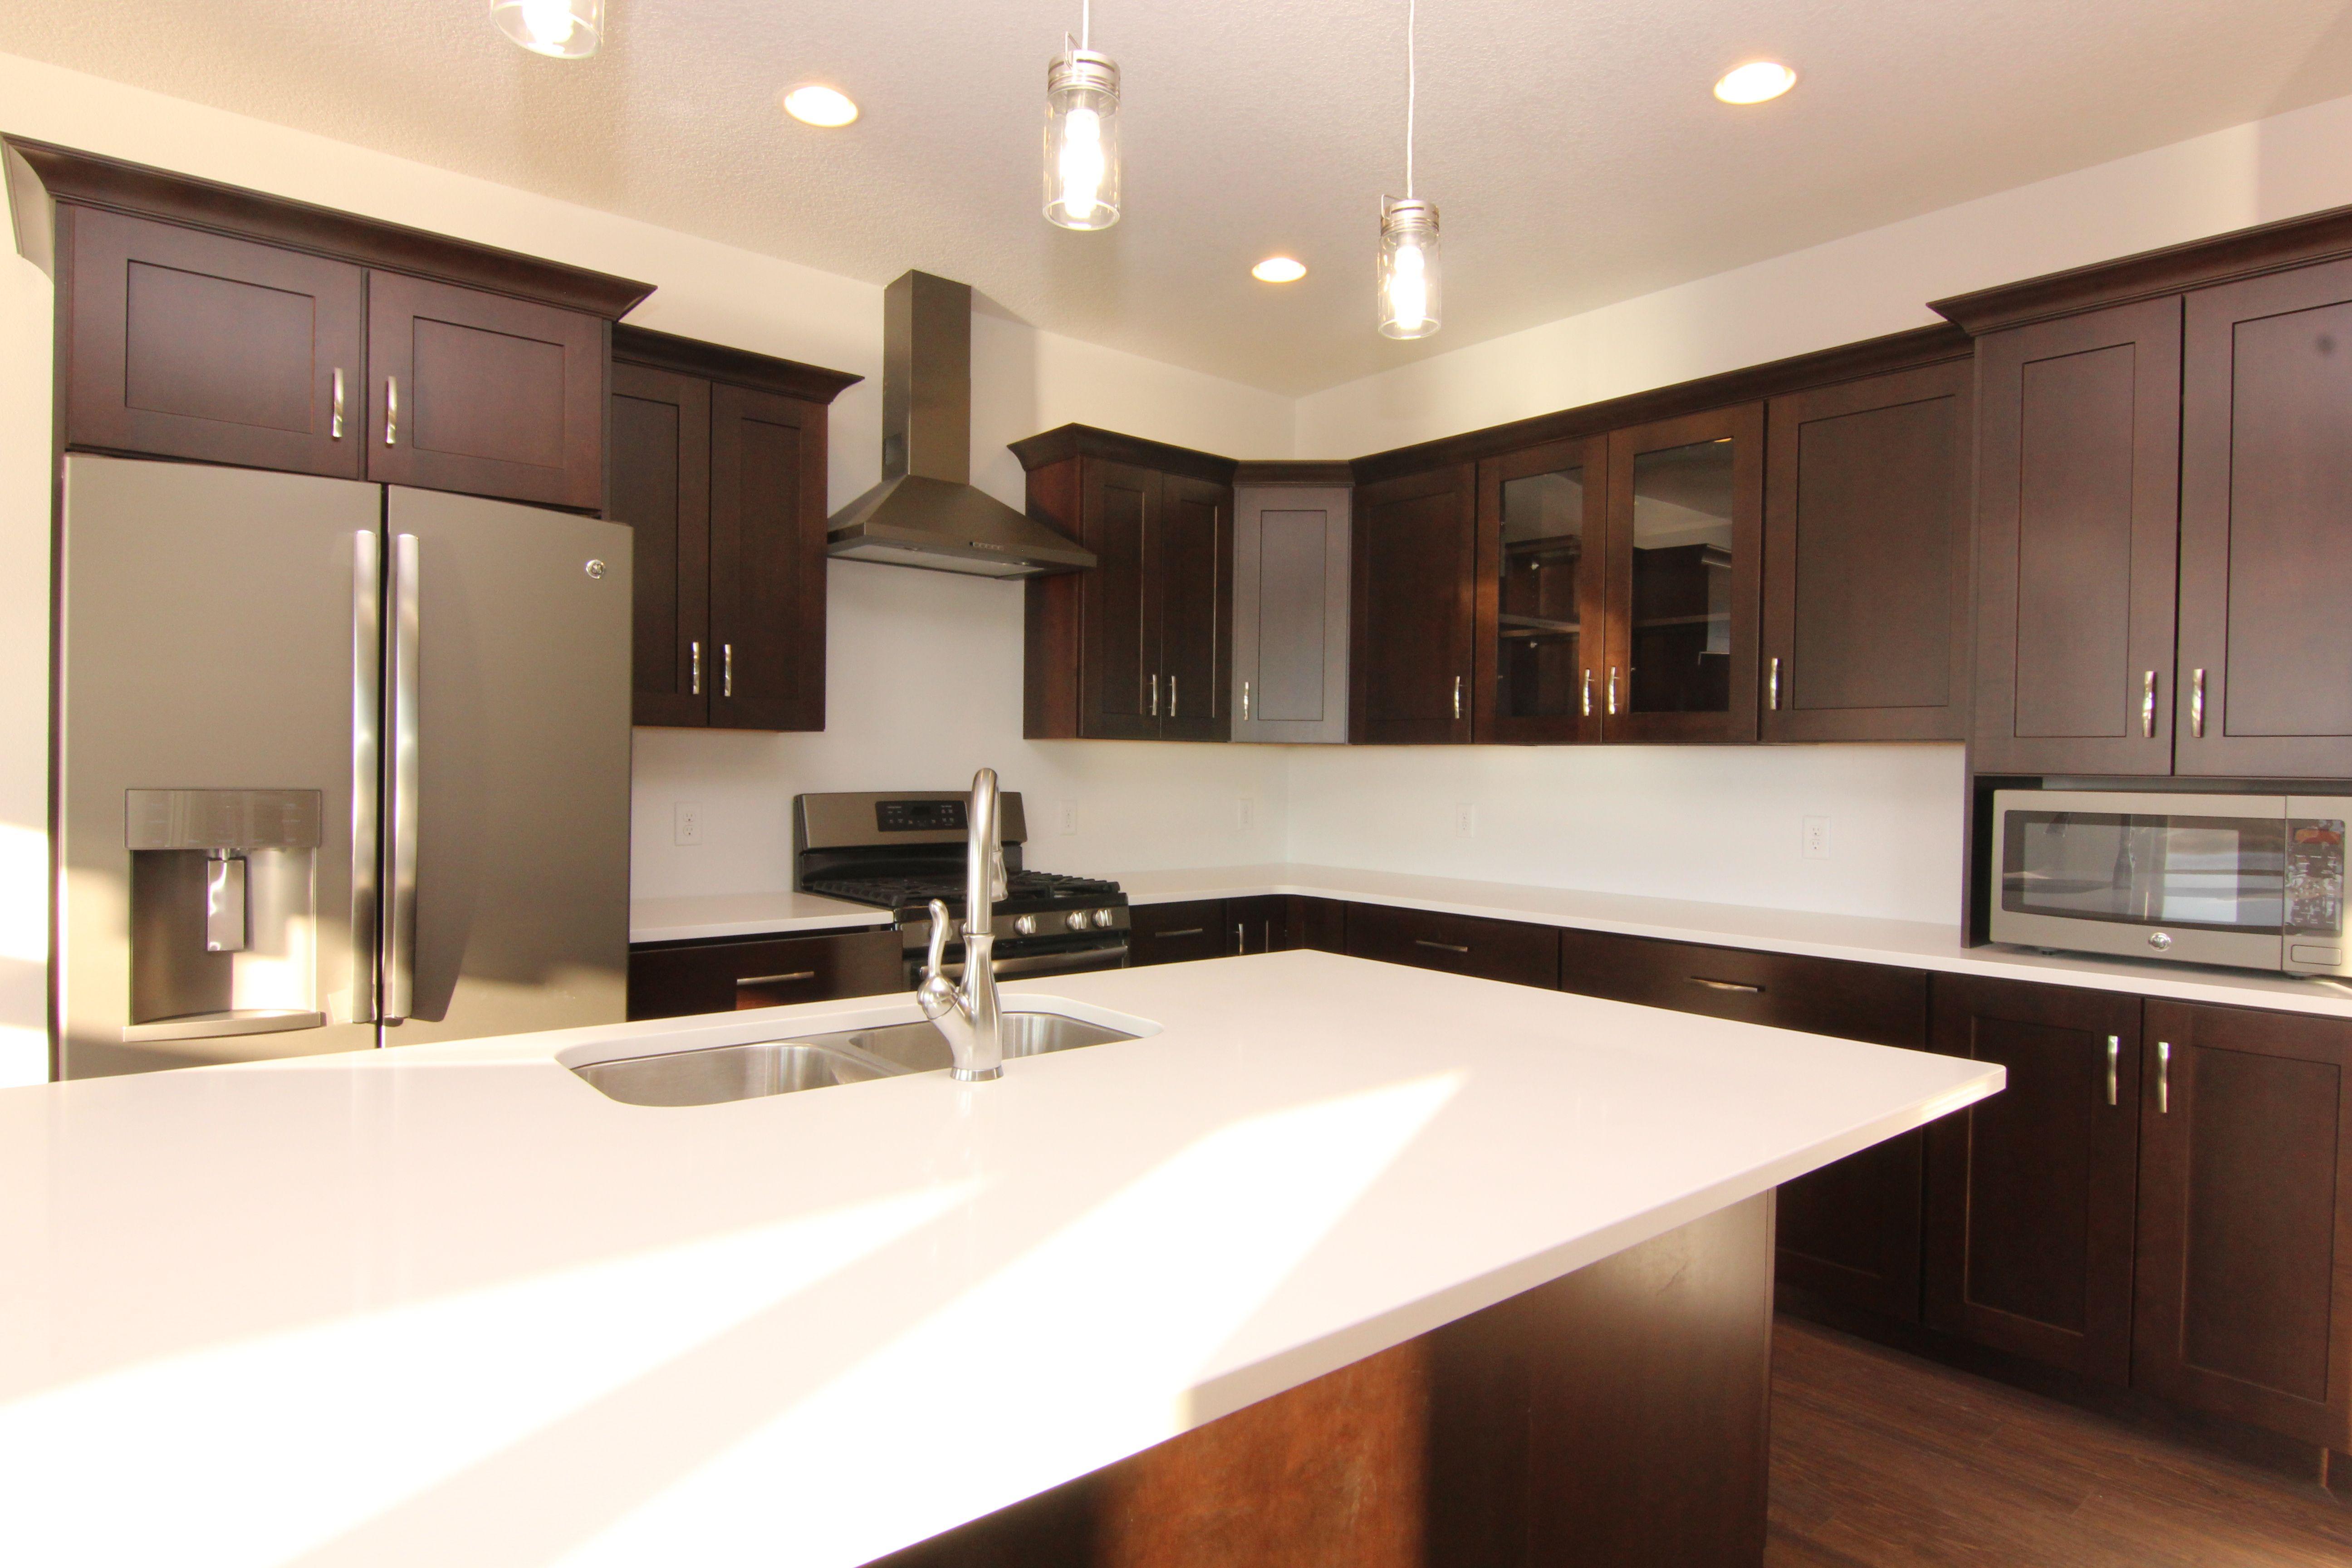 #StainlessSteel undermount kitchen sink. #Leland single ...